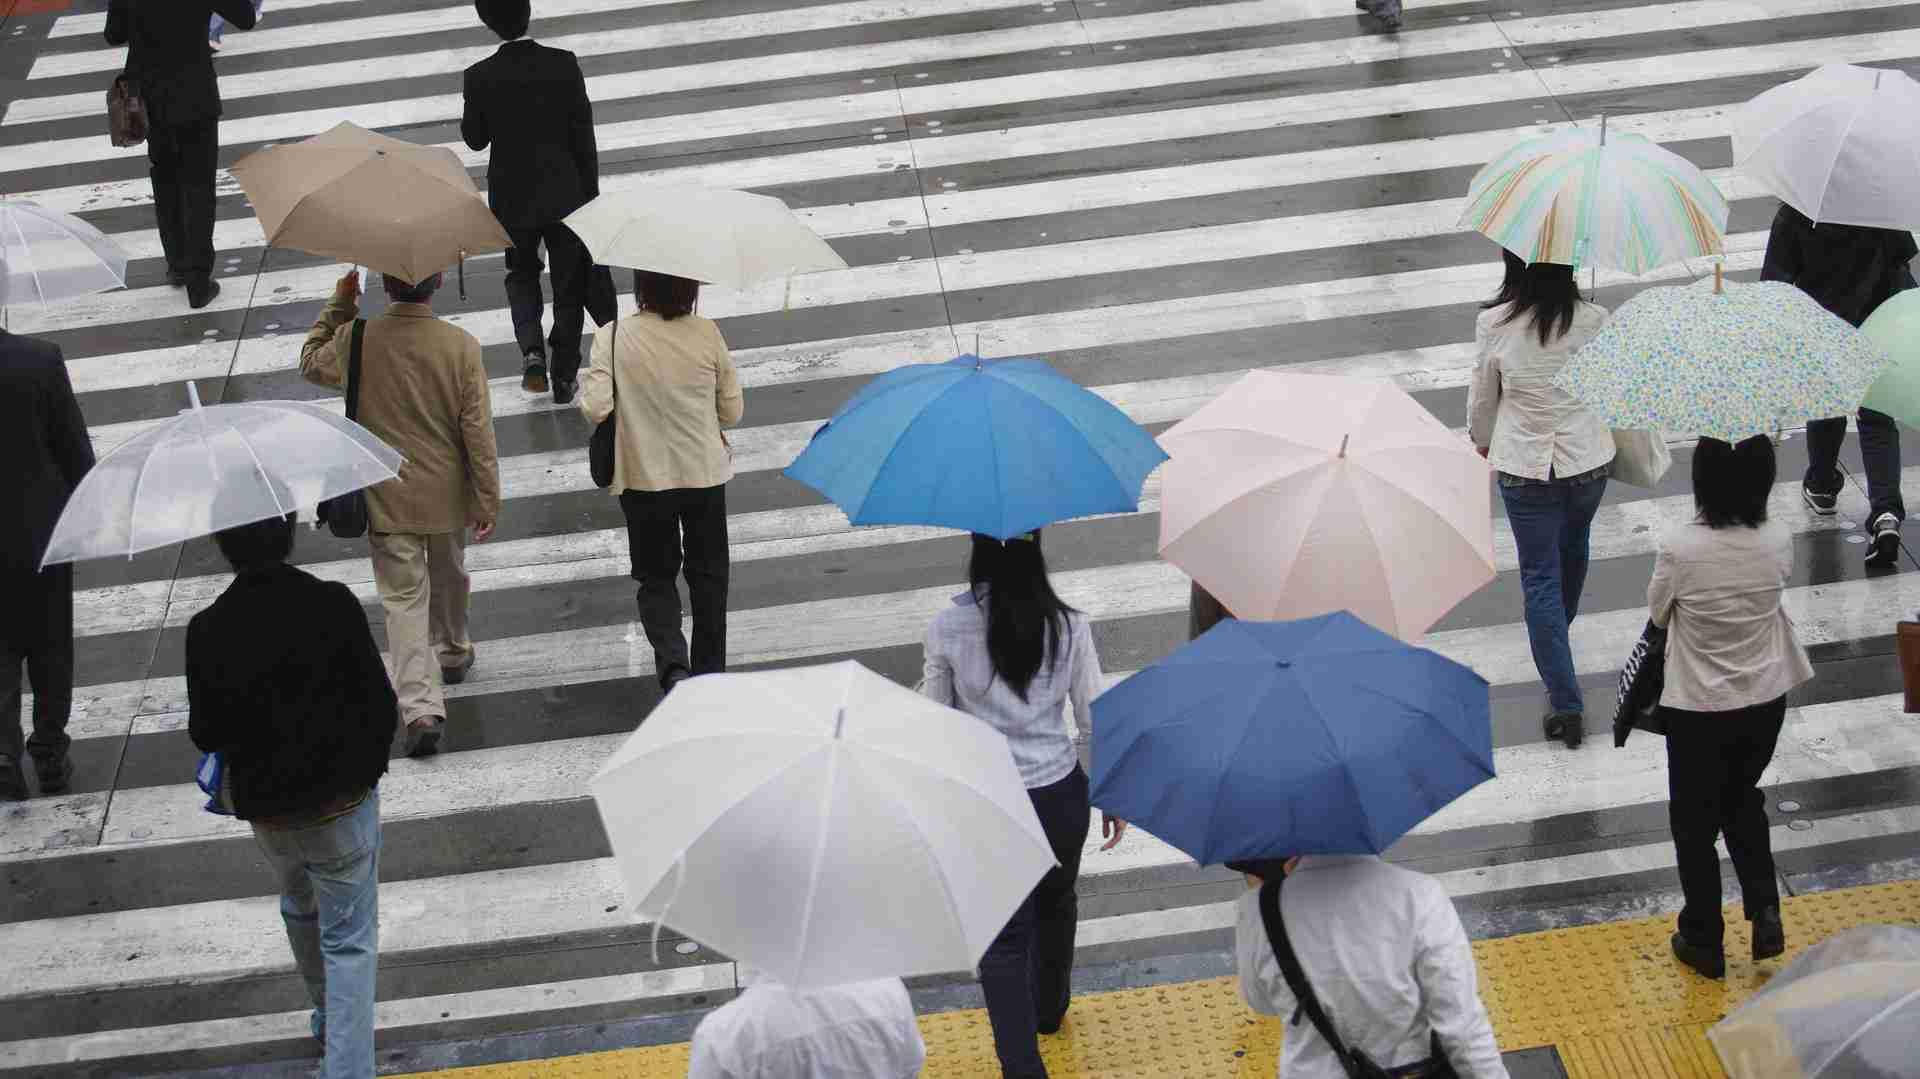 暑いゴールデンウィークから一転、東京は10年ぶりの低温か(杉江勇次) - 個人 - Yahoo!ニュース